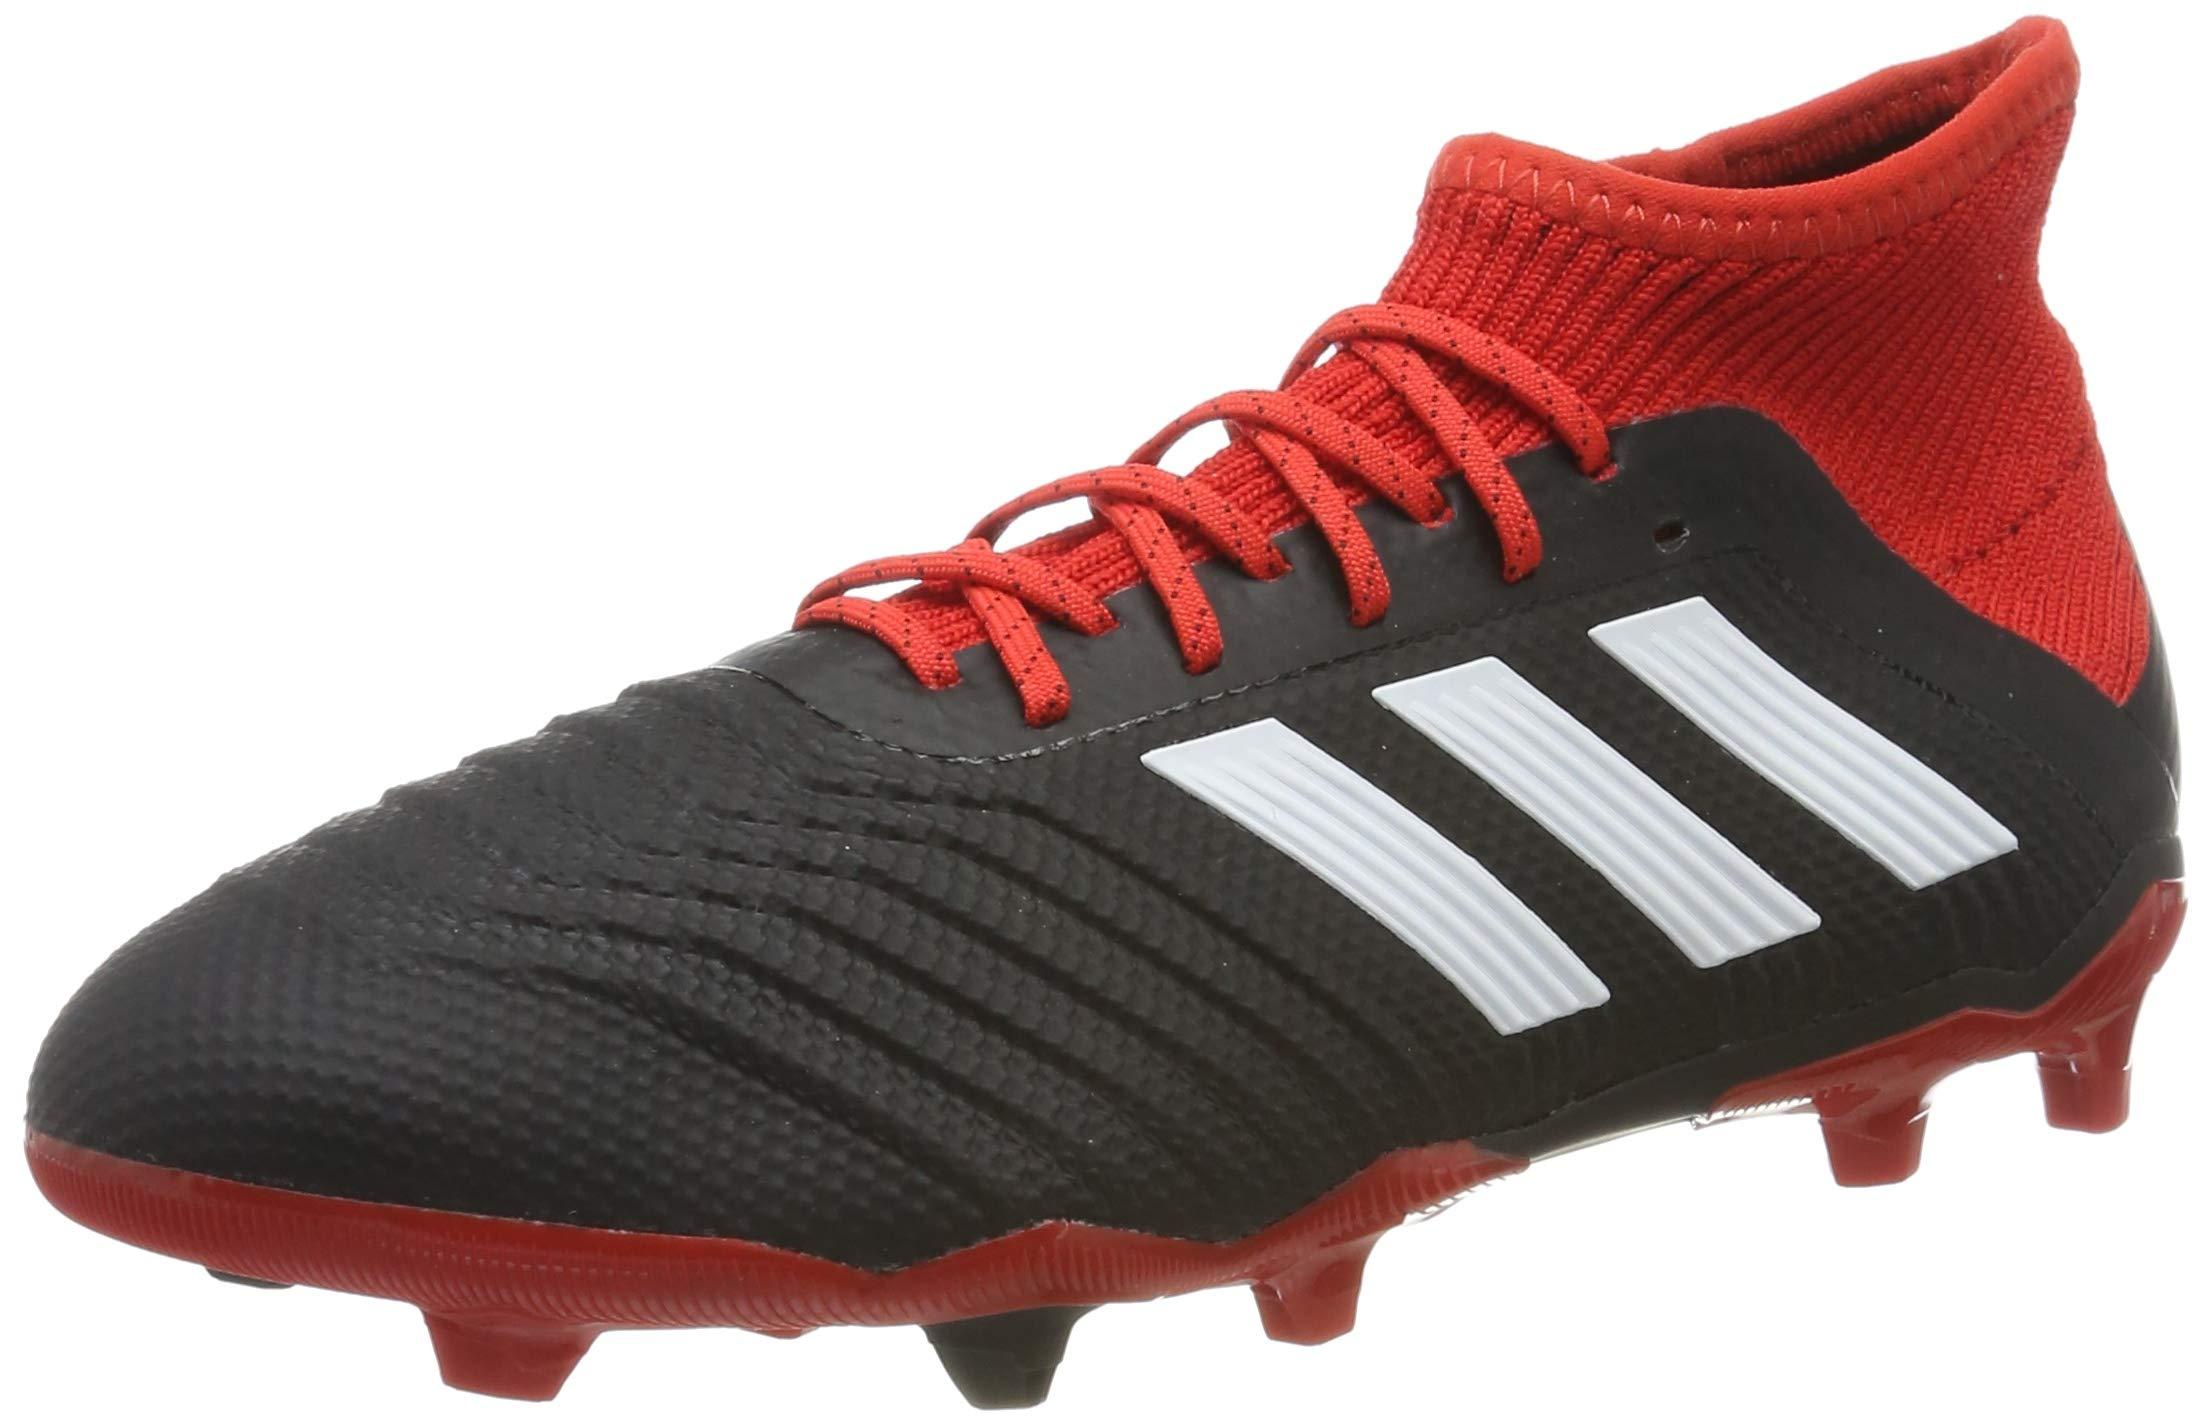 adidas - Predator 181 FG J - DB2313 - Color: Black-Red - Size: 5.0